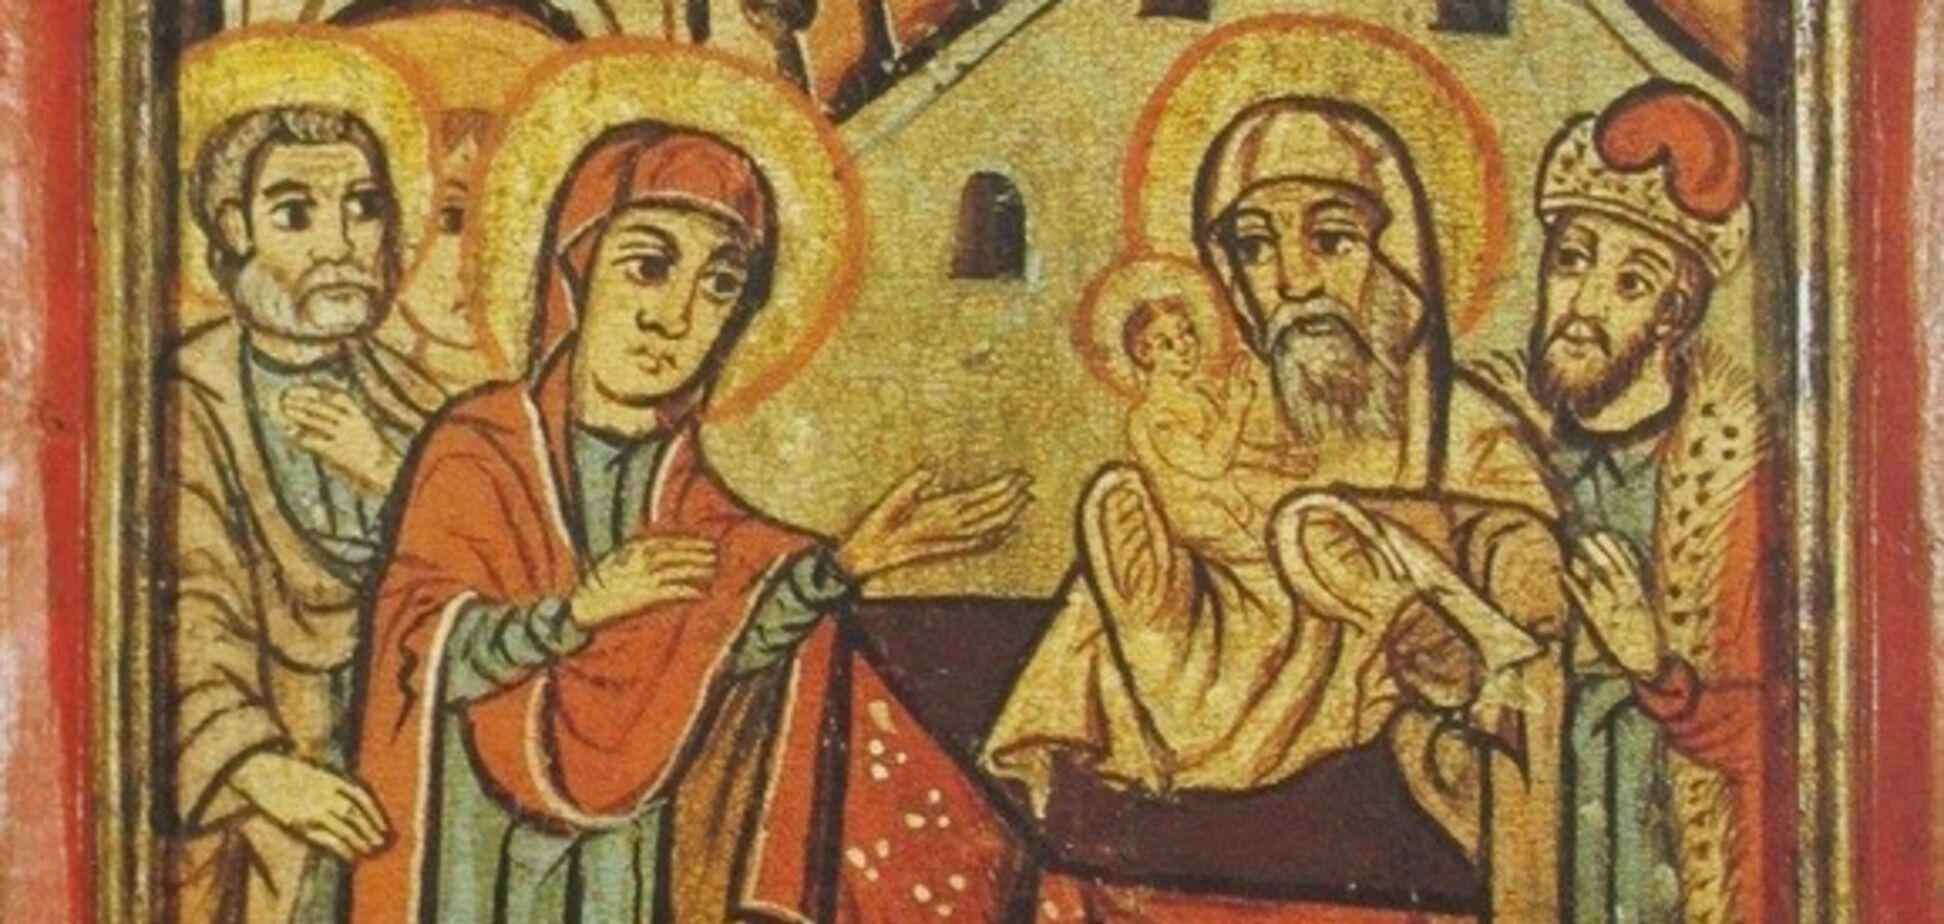 15 февраля праздник Сретения. Это вовсе не встреча весны с зимой